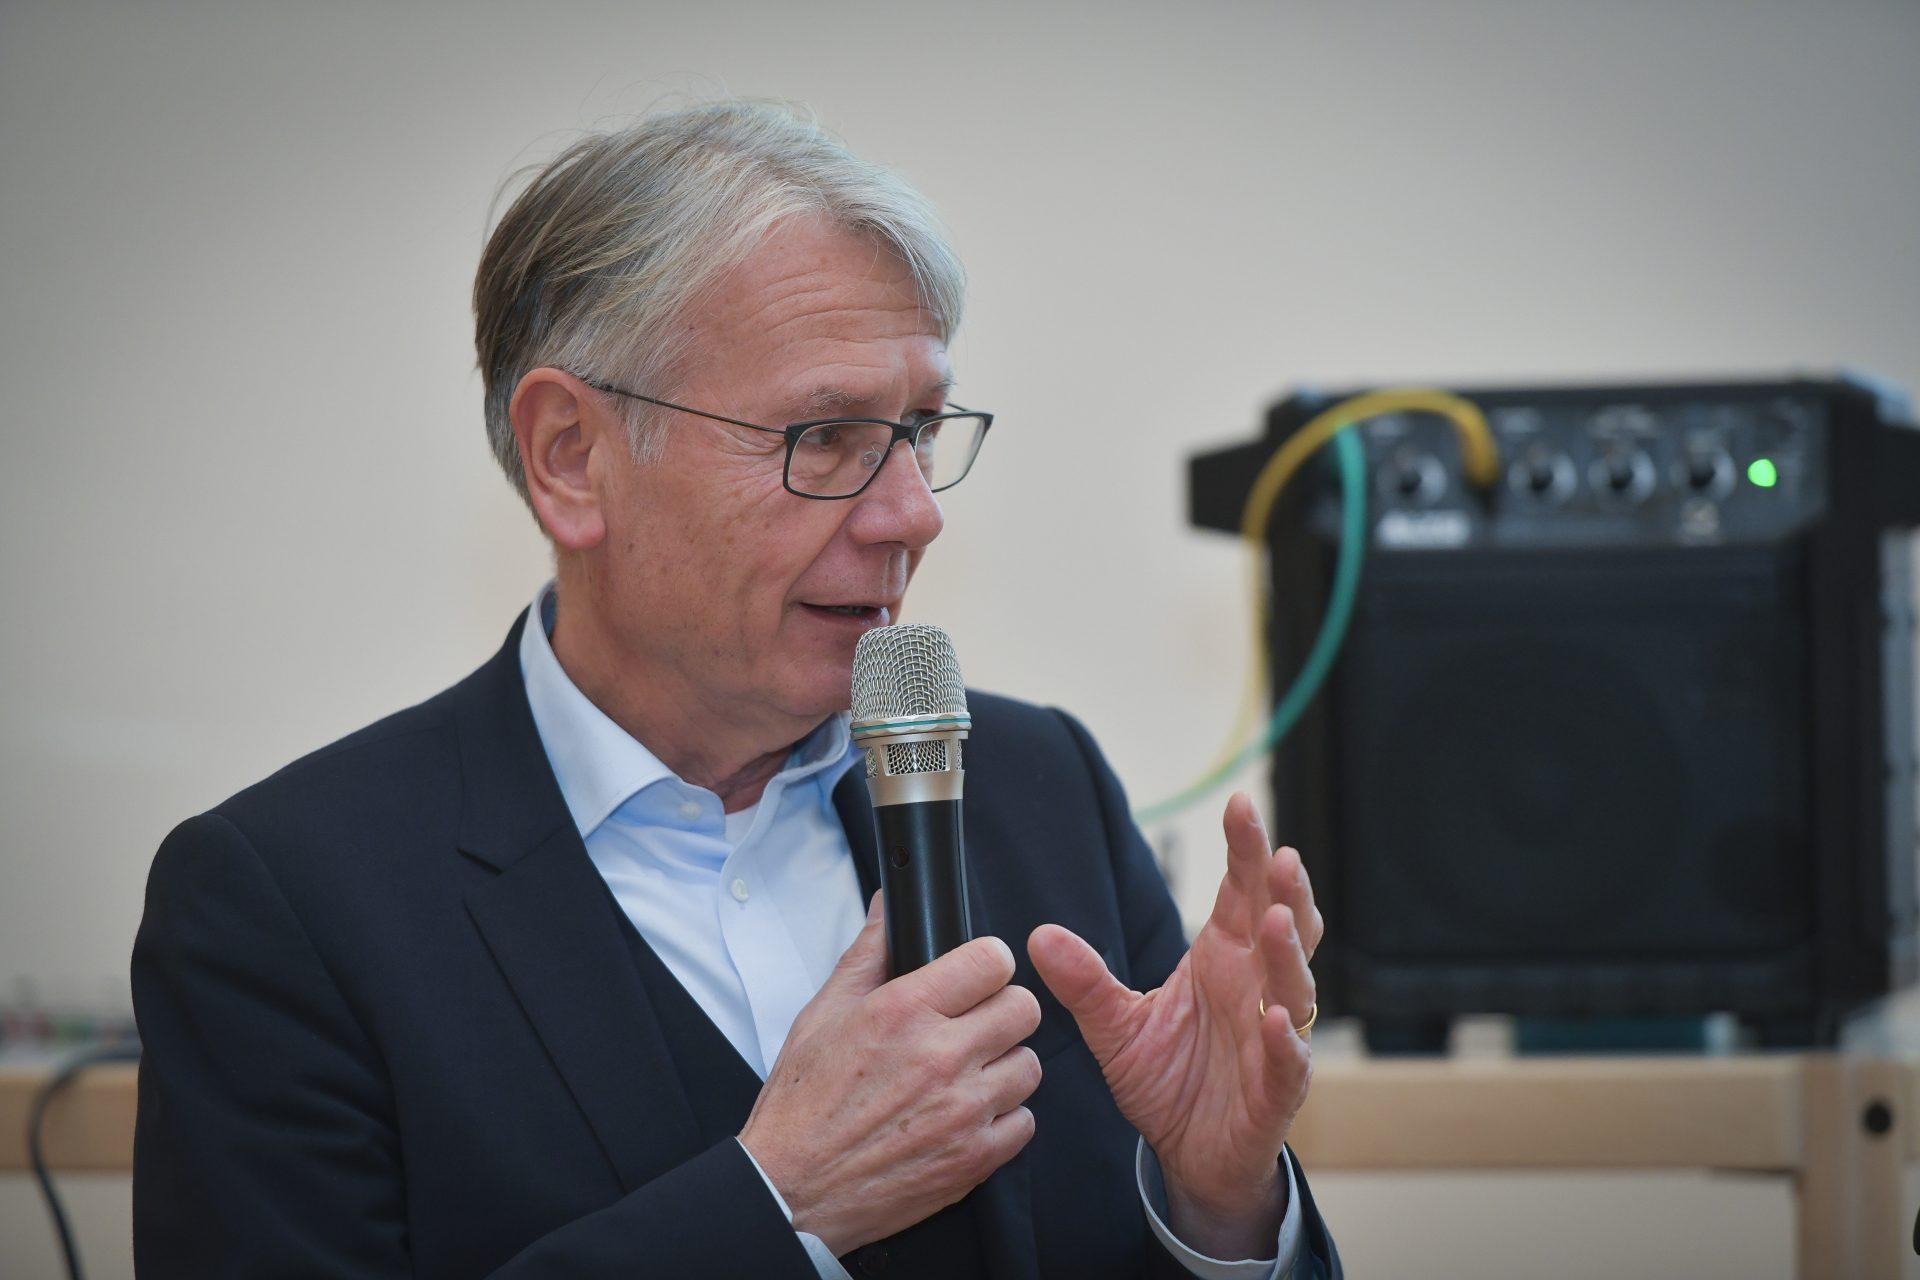 Oberbürgermeister Dr. Klaus Weichel spricht in ein Mikrofon.